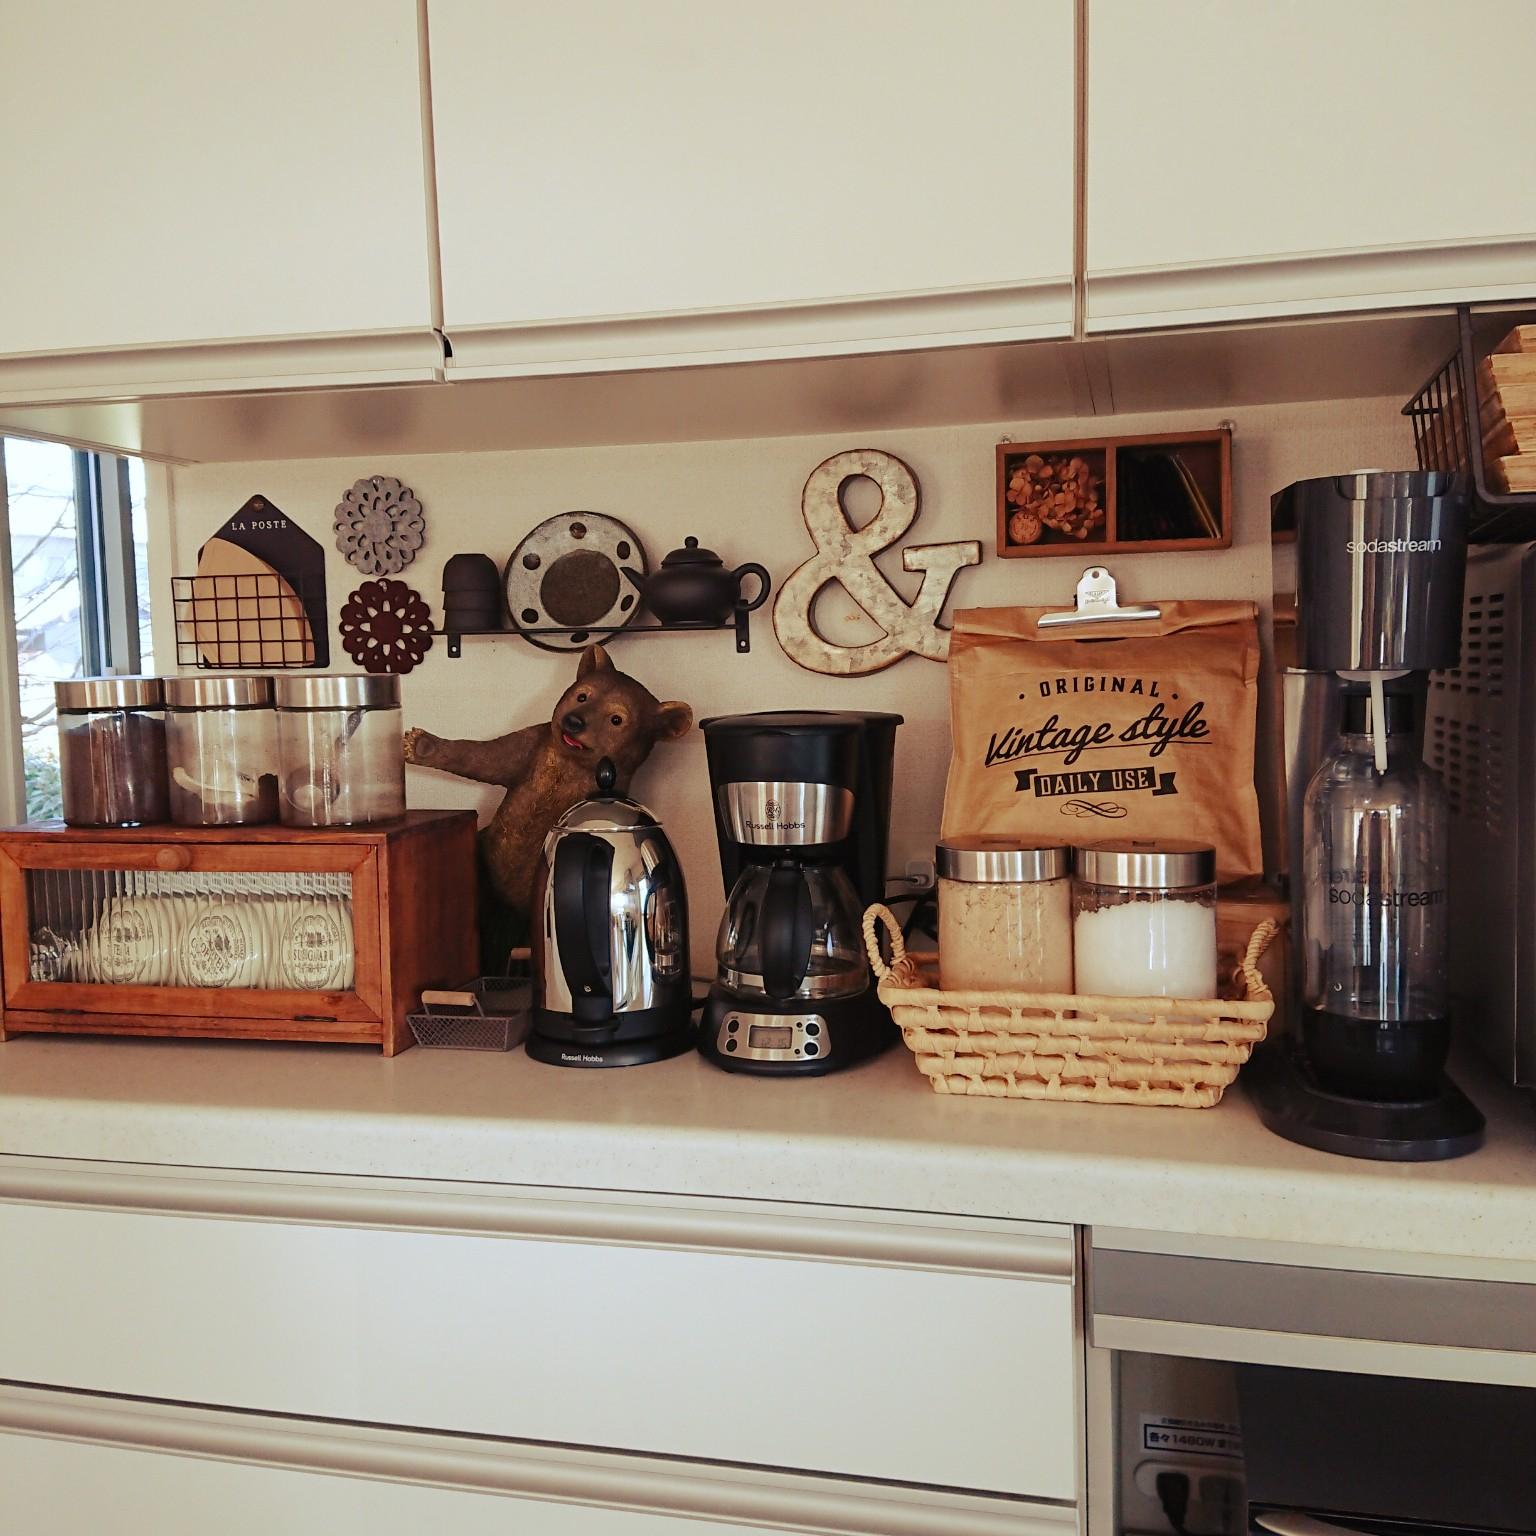 キッチン/soda stream/マファヴール/紅茶収納/ラッセルホブスケトル...などのインテリア実例 - 2021-03-03 12:17:57